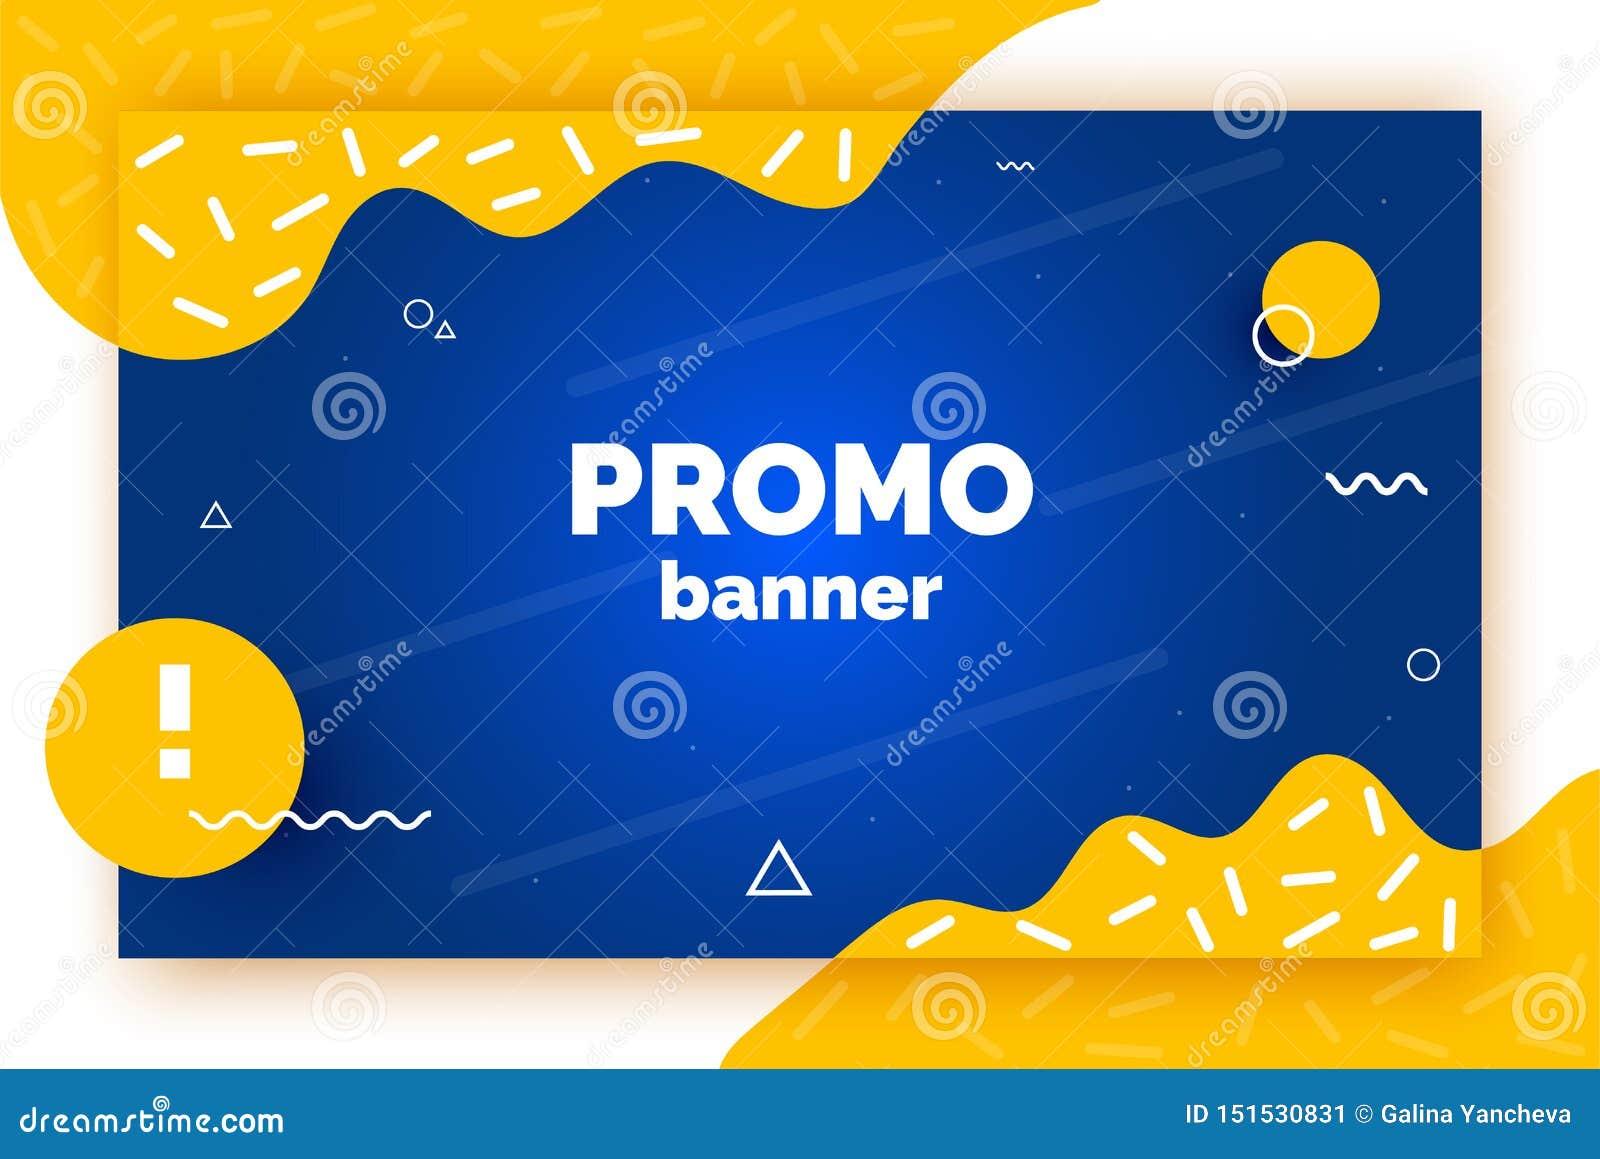 Netzförderungsfahne für Verkauf, Angebot, Anzeige Modischer Vektorhintergrund, Flieger, Plakat, Seite, Abdeckung mit Zusammenfass